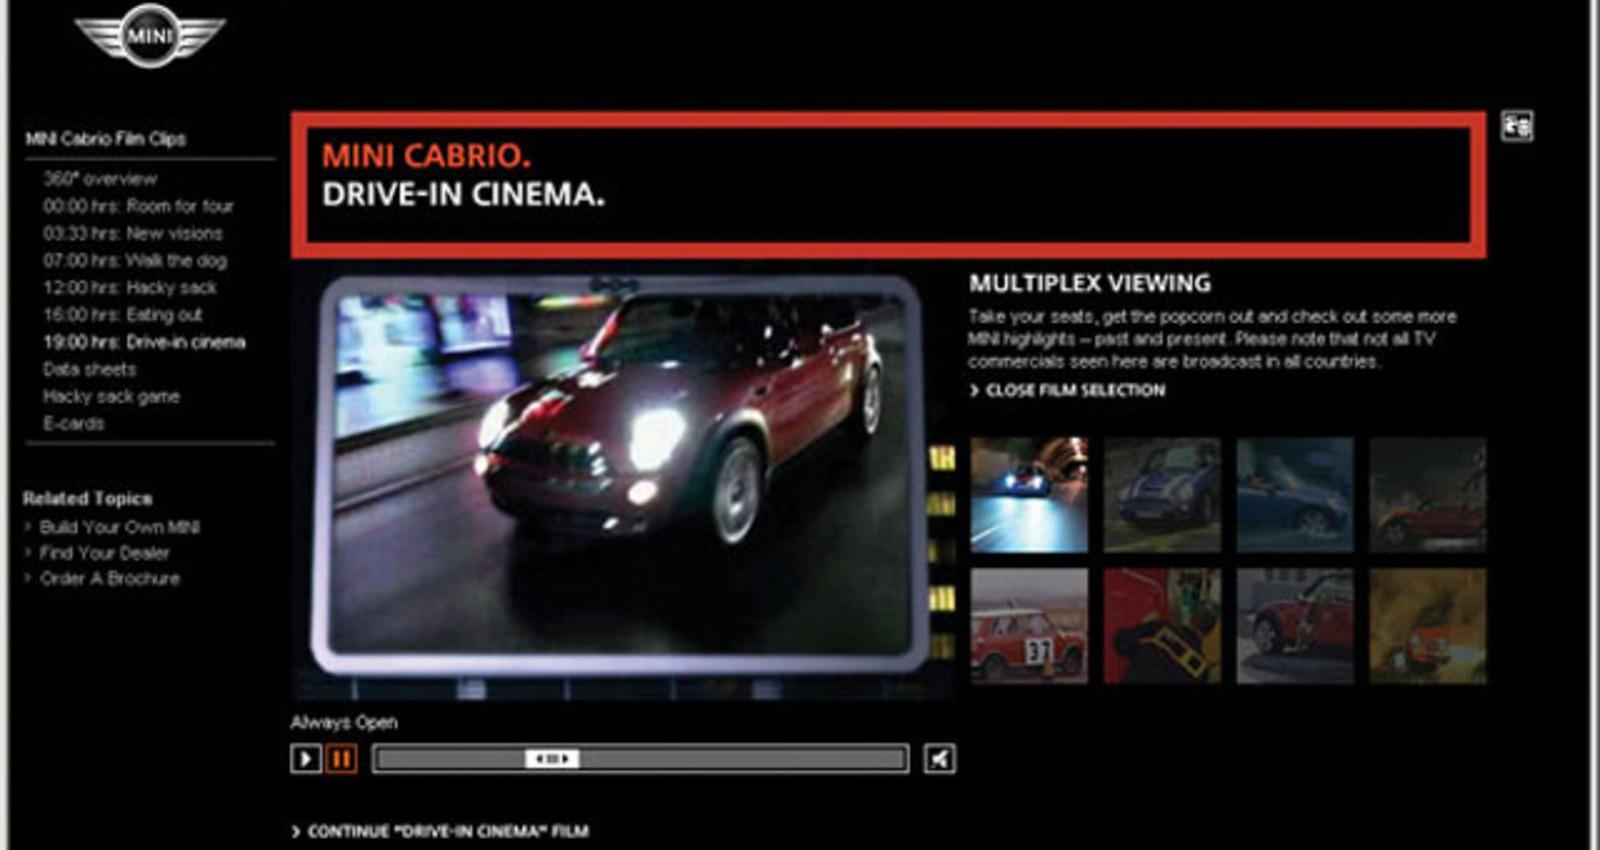 MINI Cabrio Film Clips